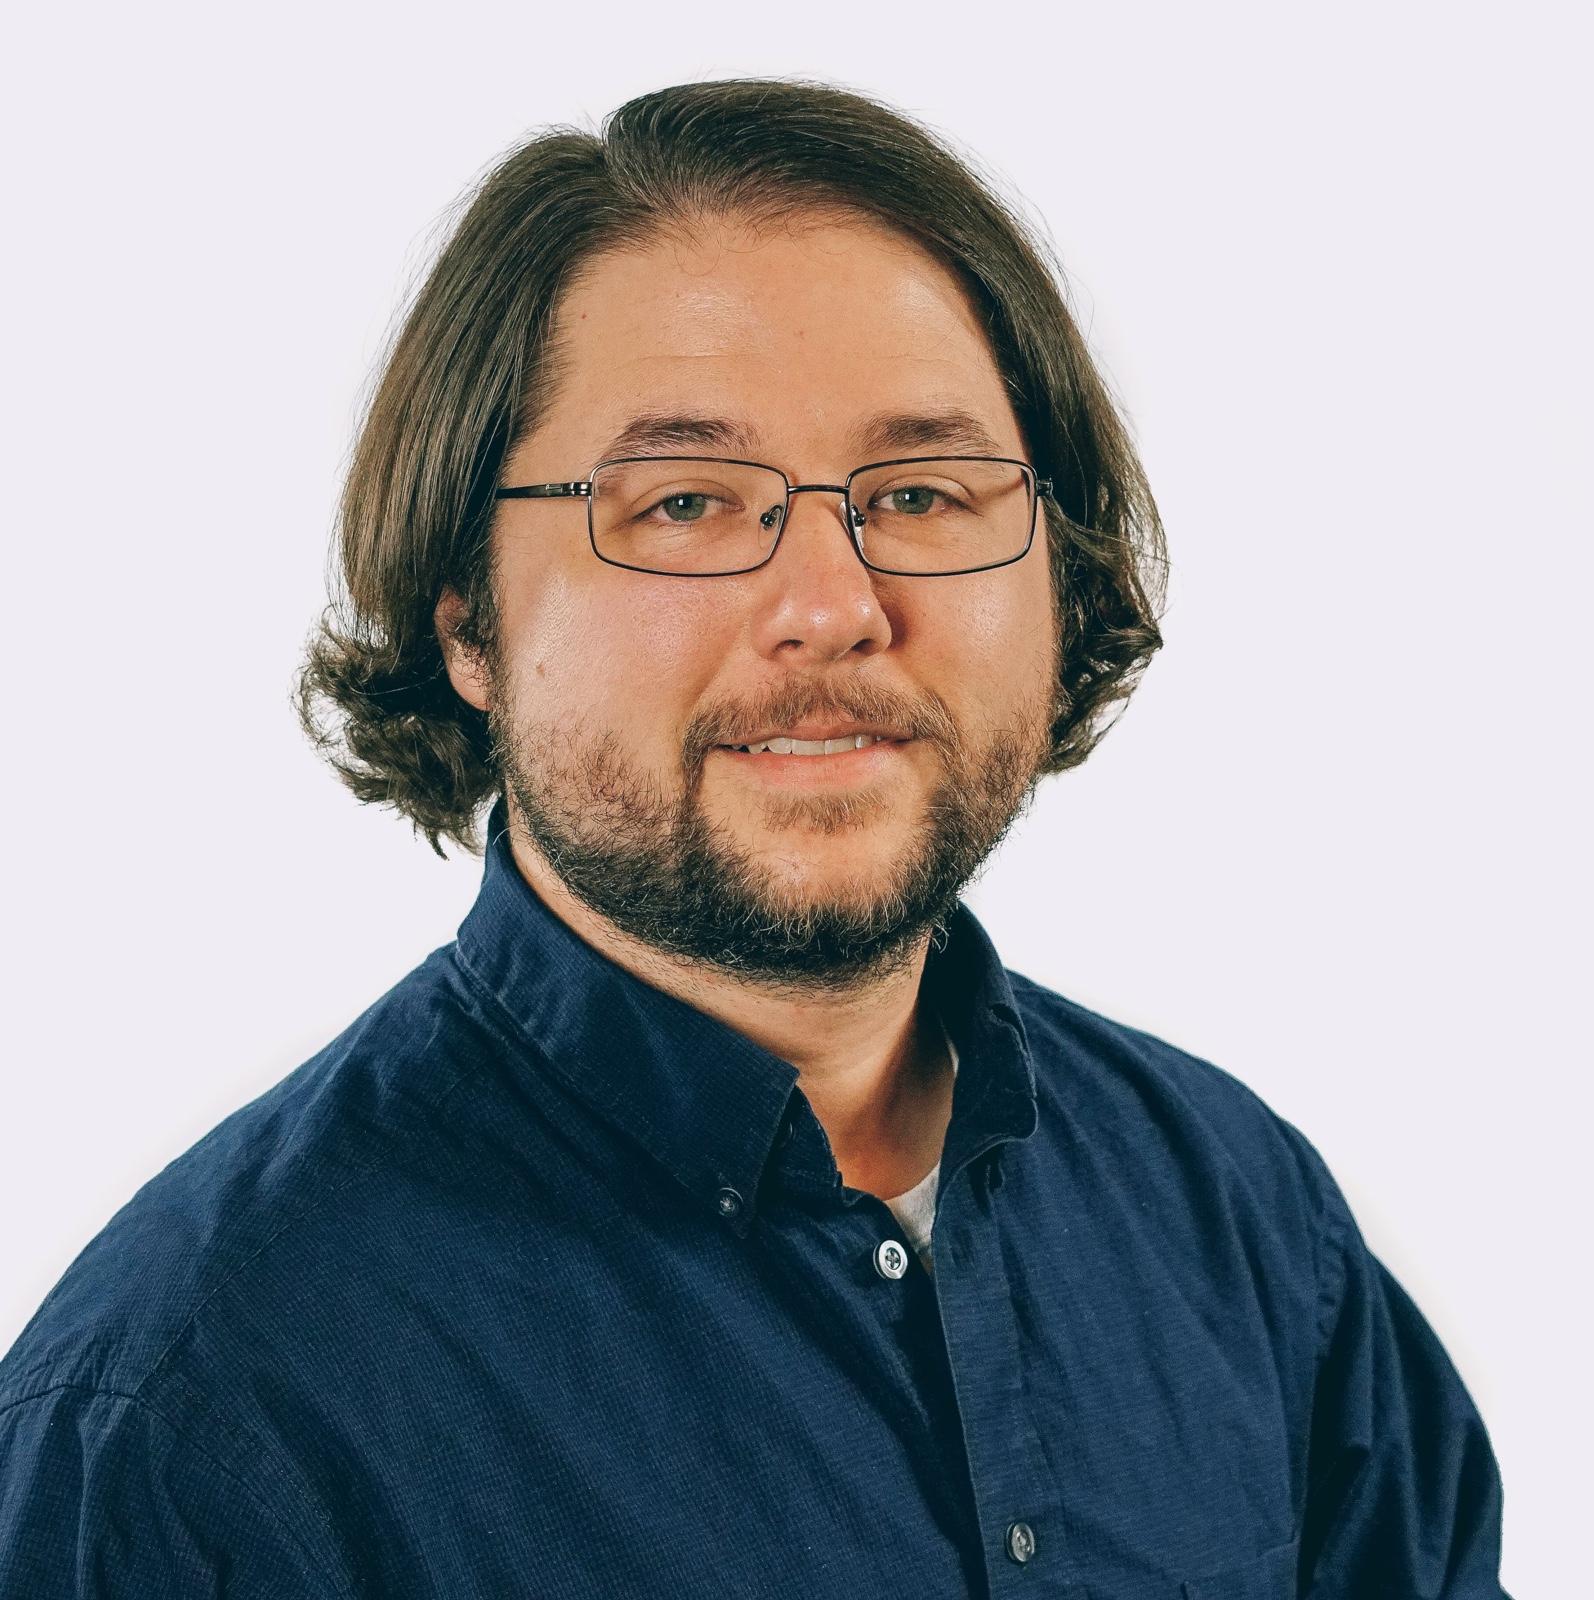 Daniel Foley